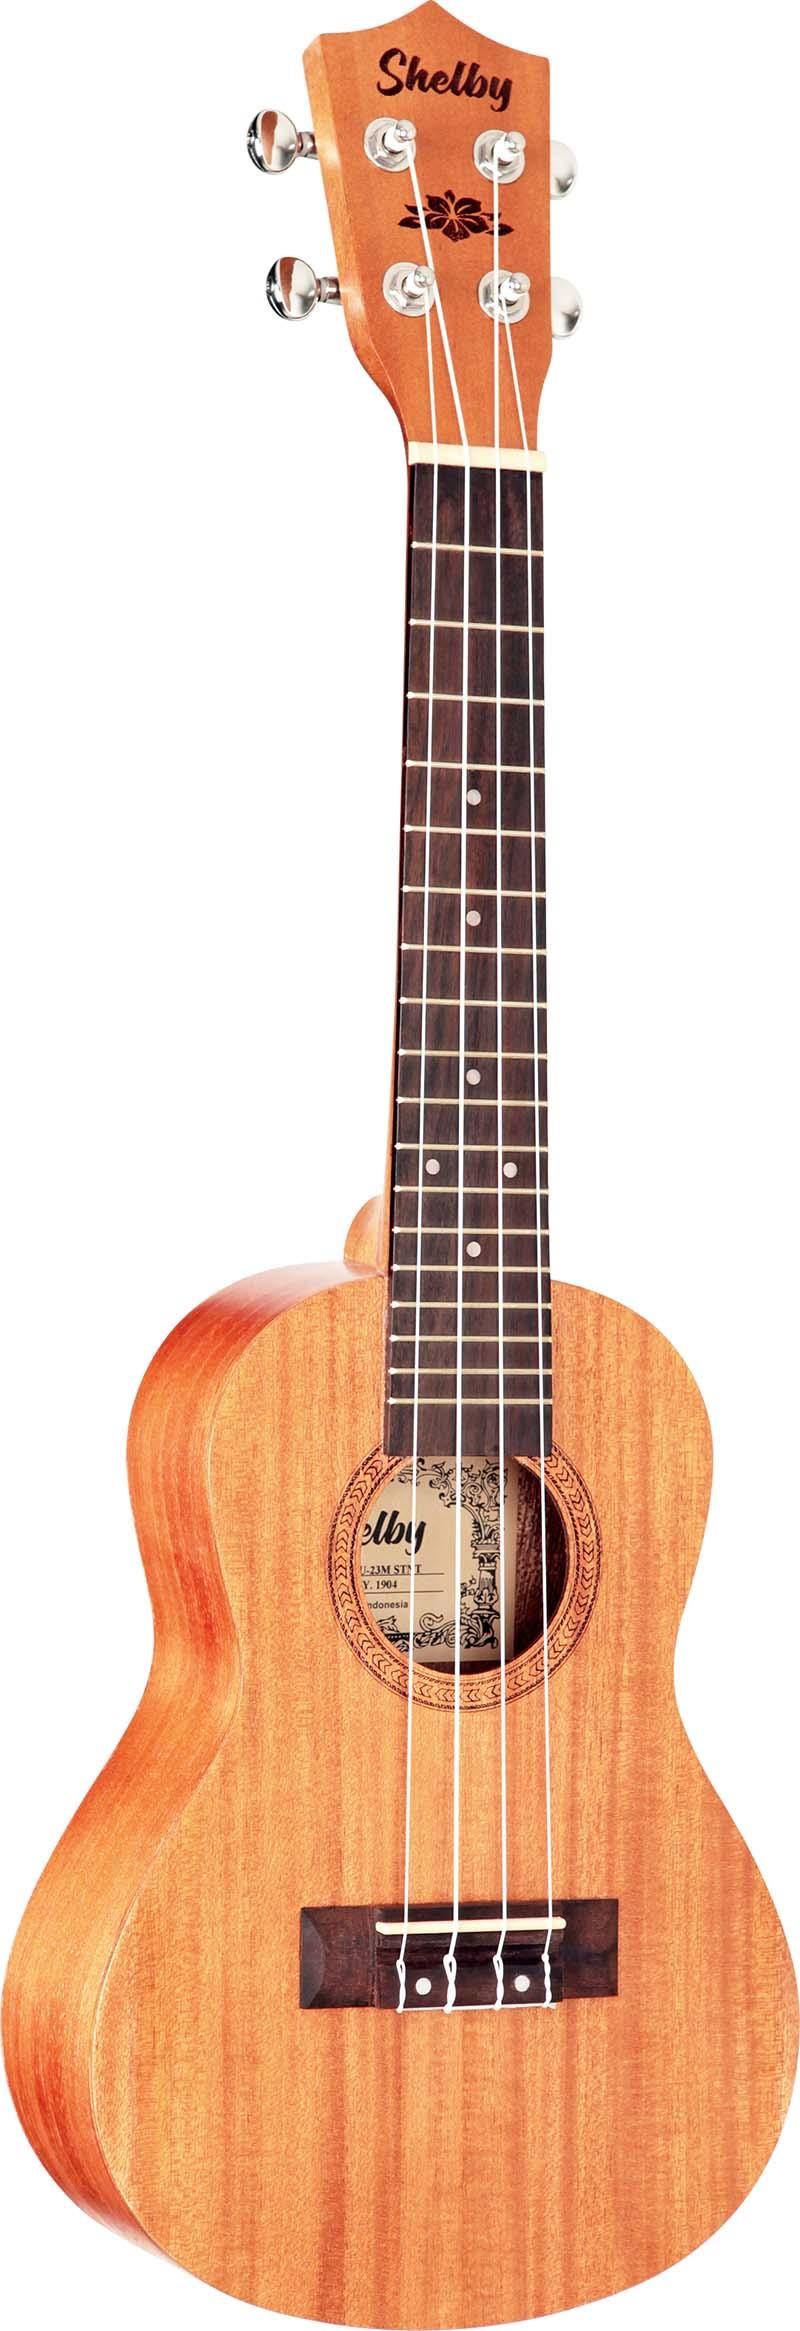 su23m ukulele concerto shelby su23m stnt mogno acetinado visao frontal 1